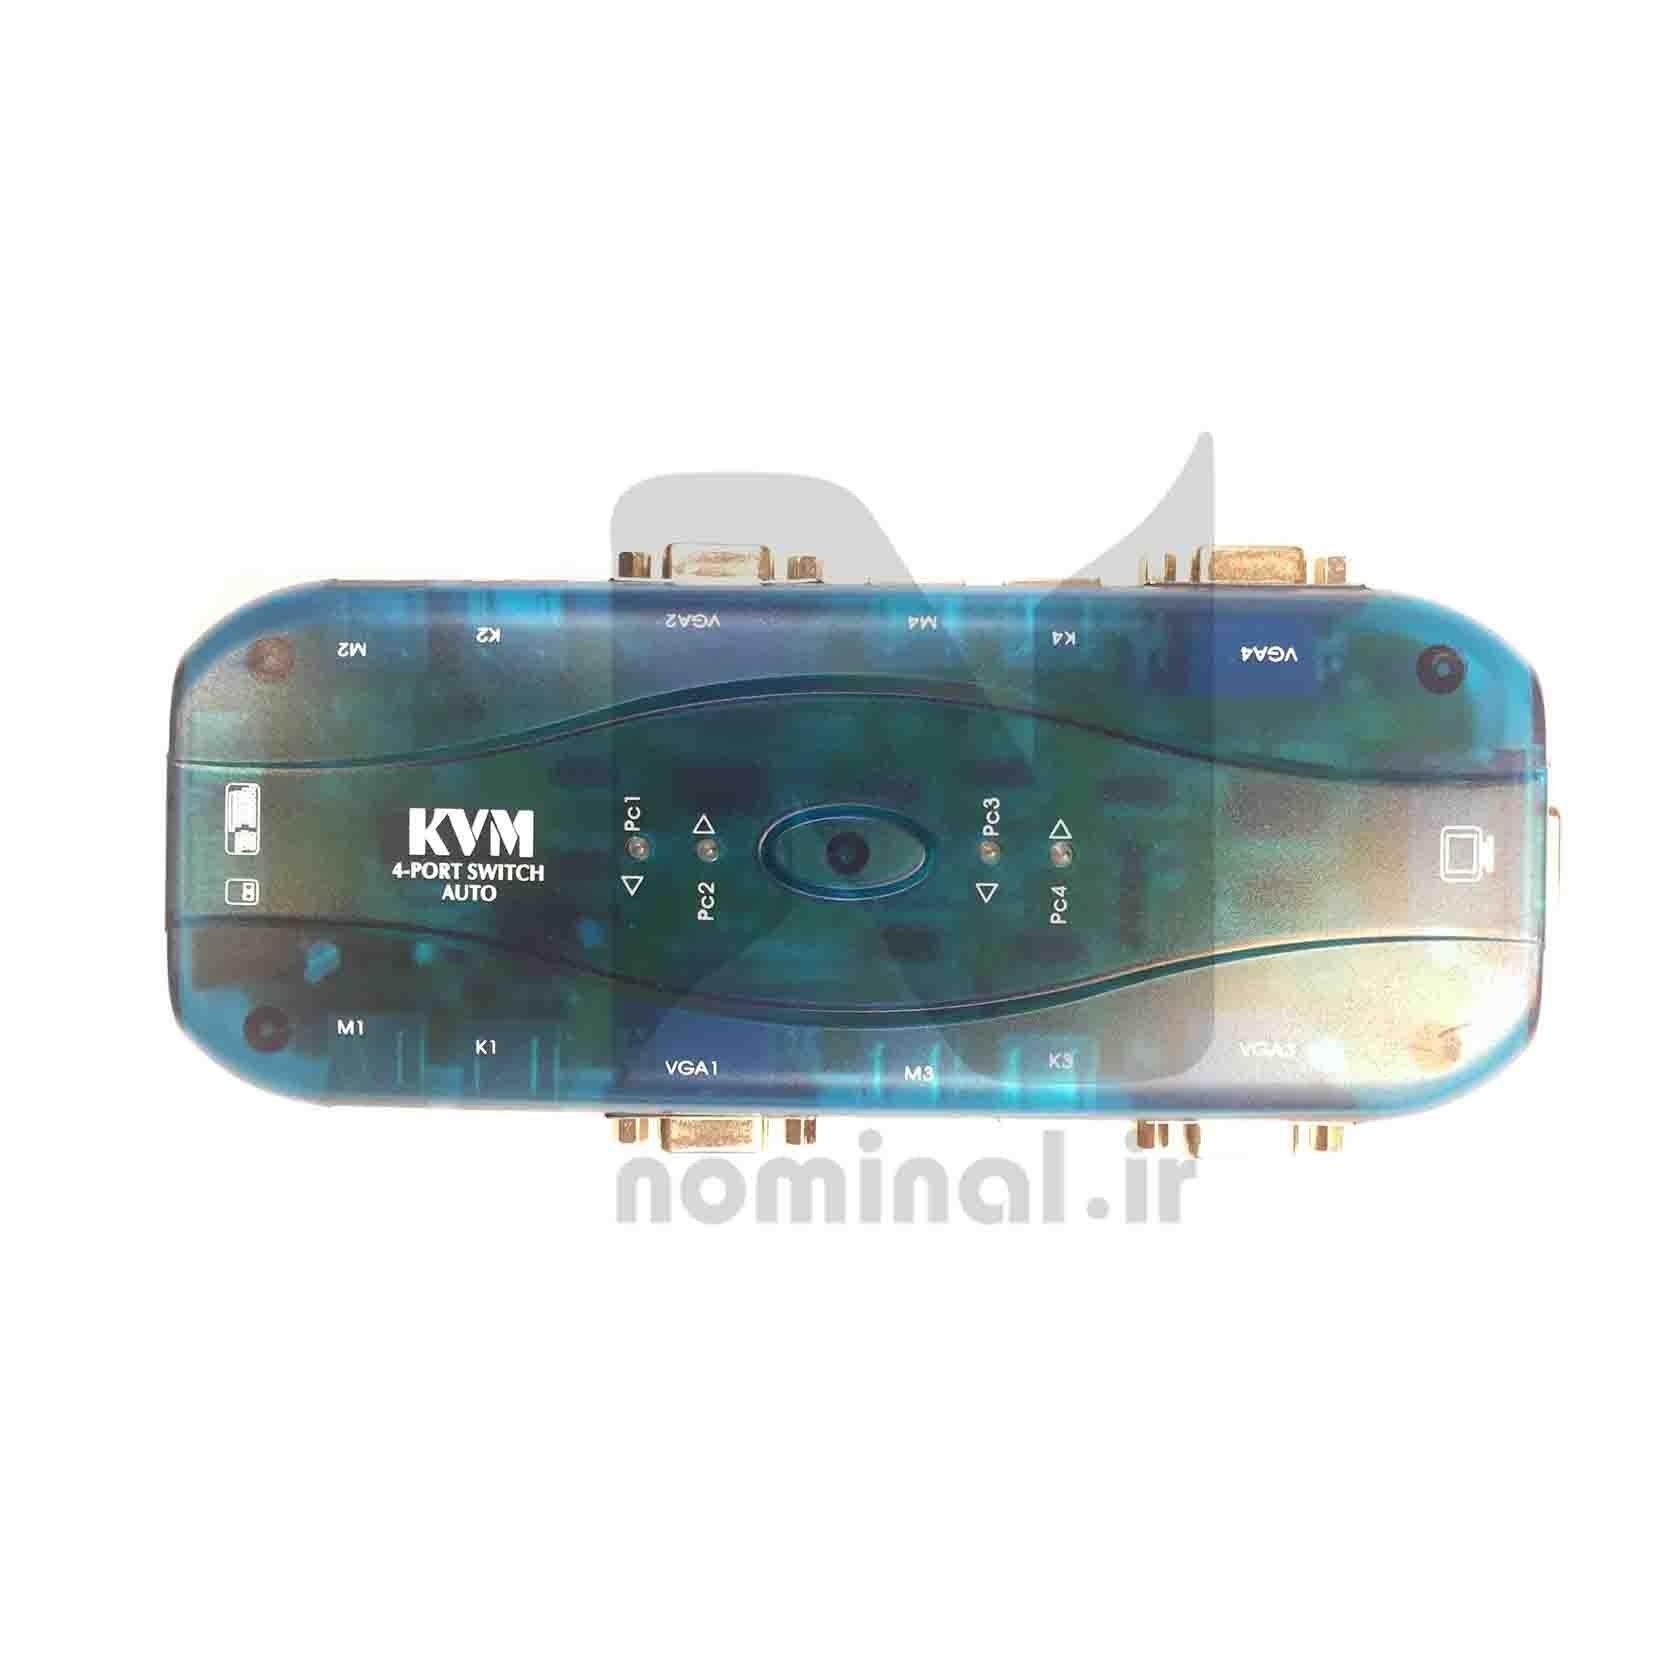 سوييچ KVM چهار پورت خودکار AUTO (ps2) |